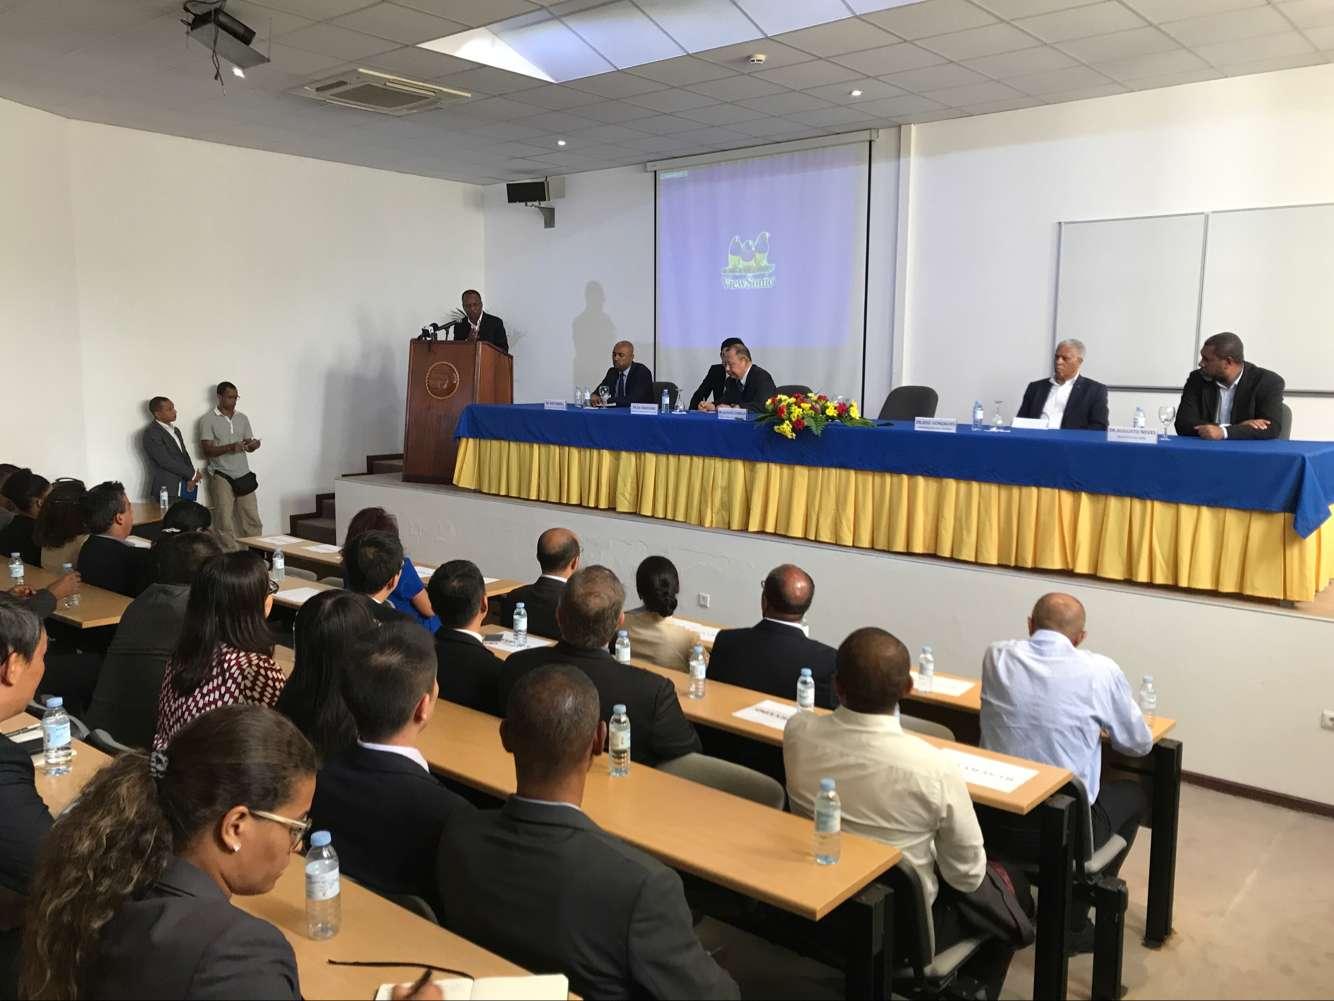 佛得角总理出席援佛圣文森特岛海洋经济特区规划项目宣介会并致辞